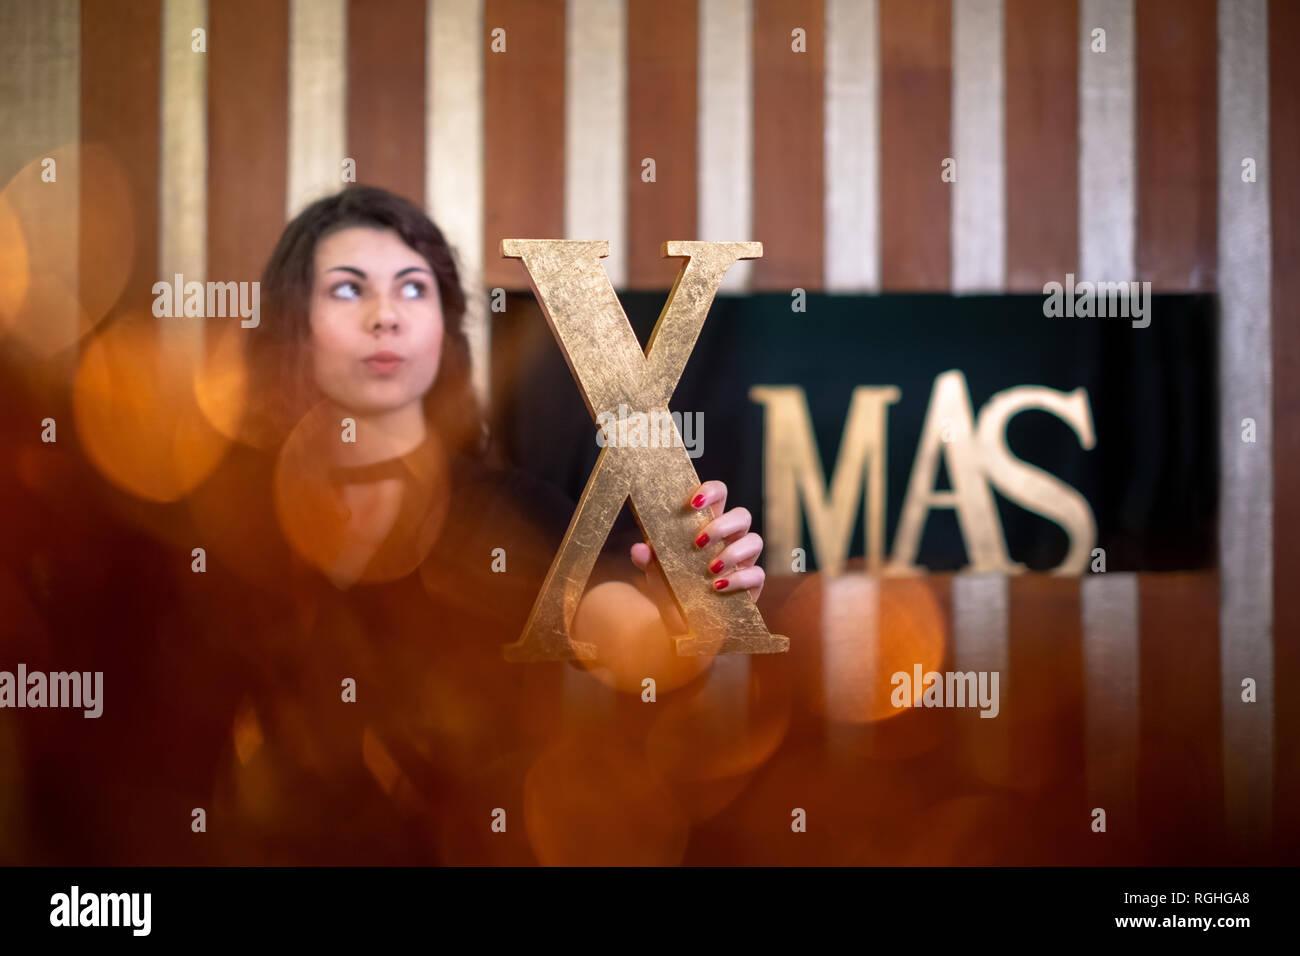 Giovane donna tenendo la lettera x della parola xmas rivestito in oro cercando nella credenza. Immagini Stock